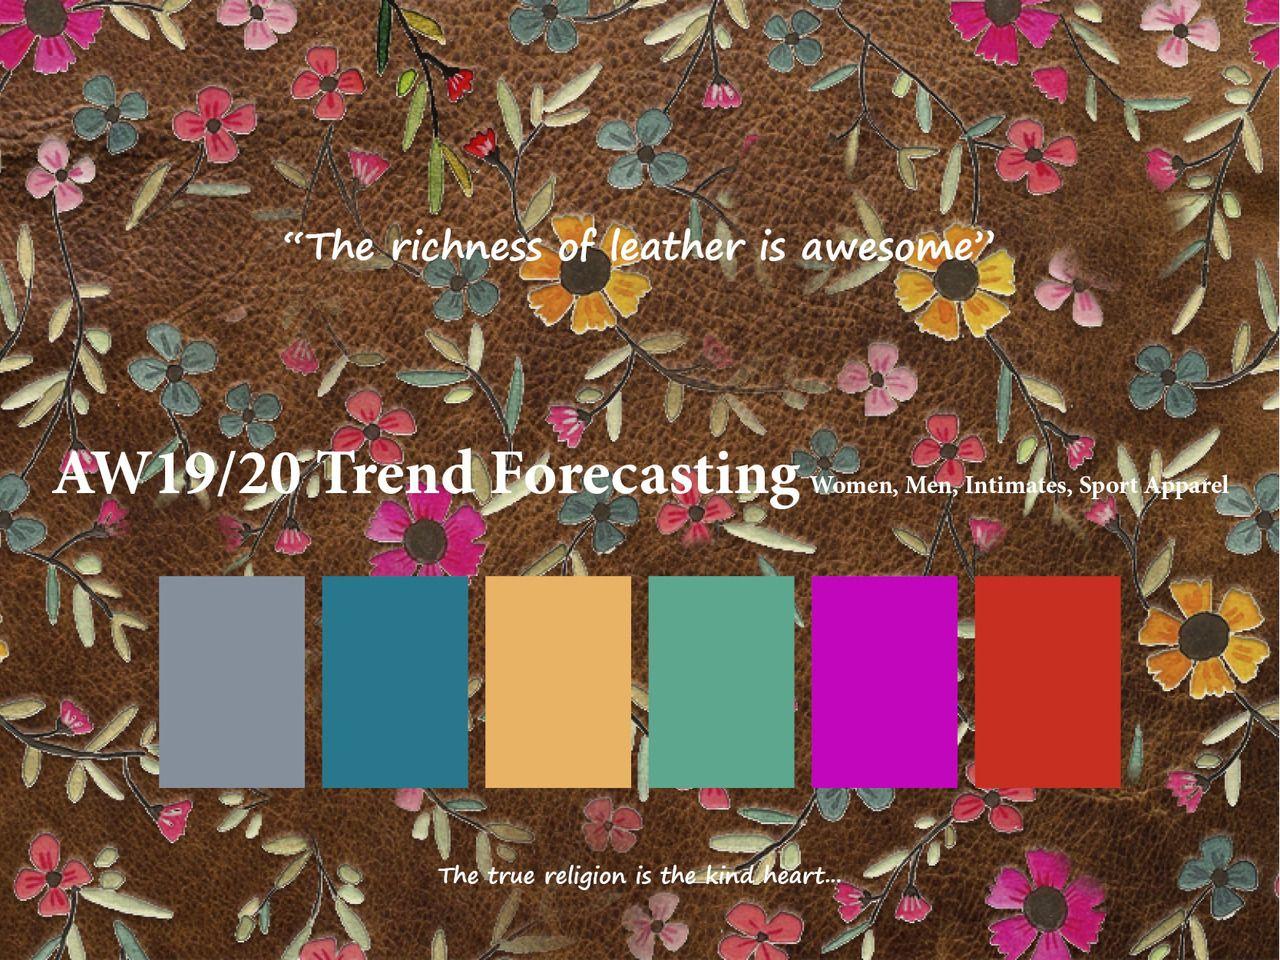 Autumn Winter 2019/2020 Trend Forecasting for Women, Men ...